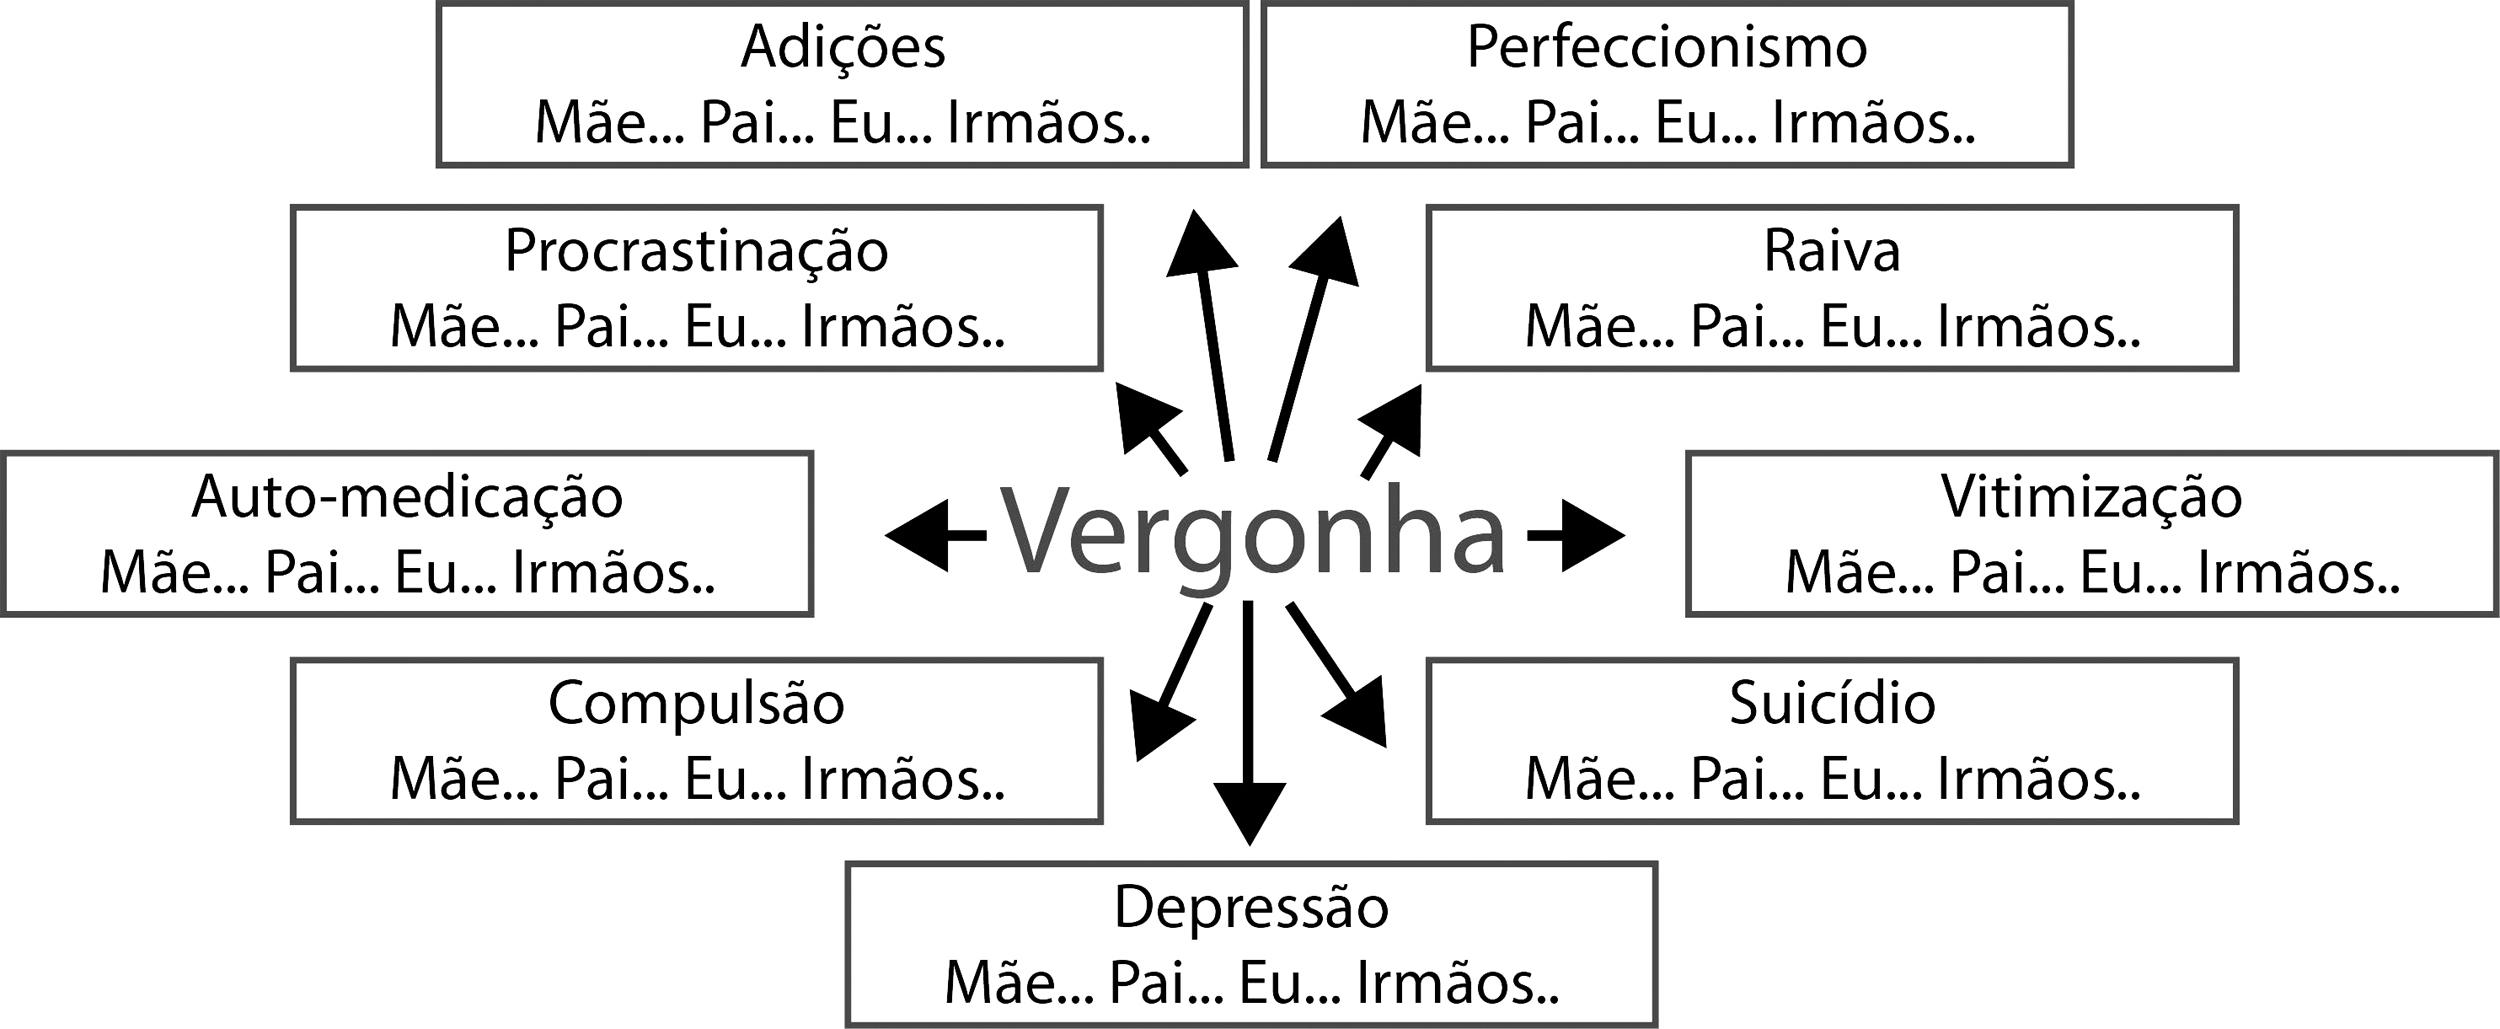 cc0ab9a3fa29 ... indicando a presença dos seguintes comportamentos em alguma pessoa de  sua família: adições (bebida, drogas, compras, comida, trabalho etc.